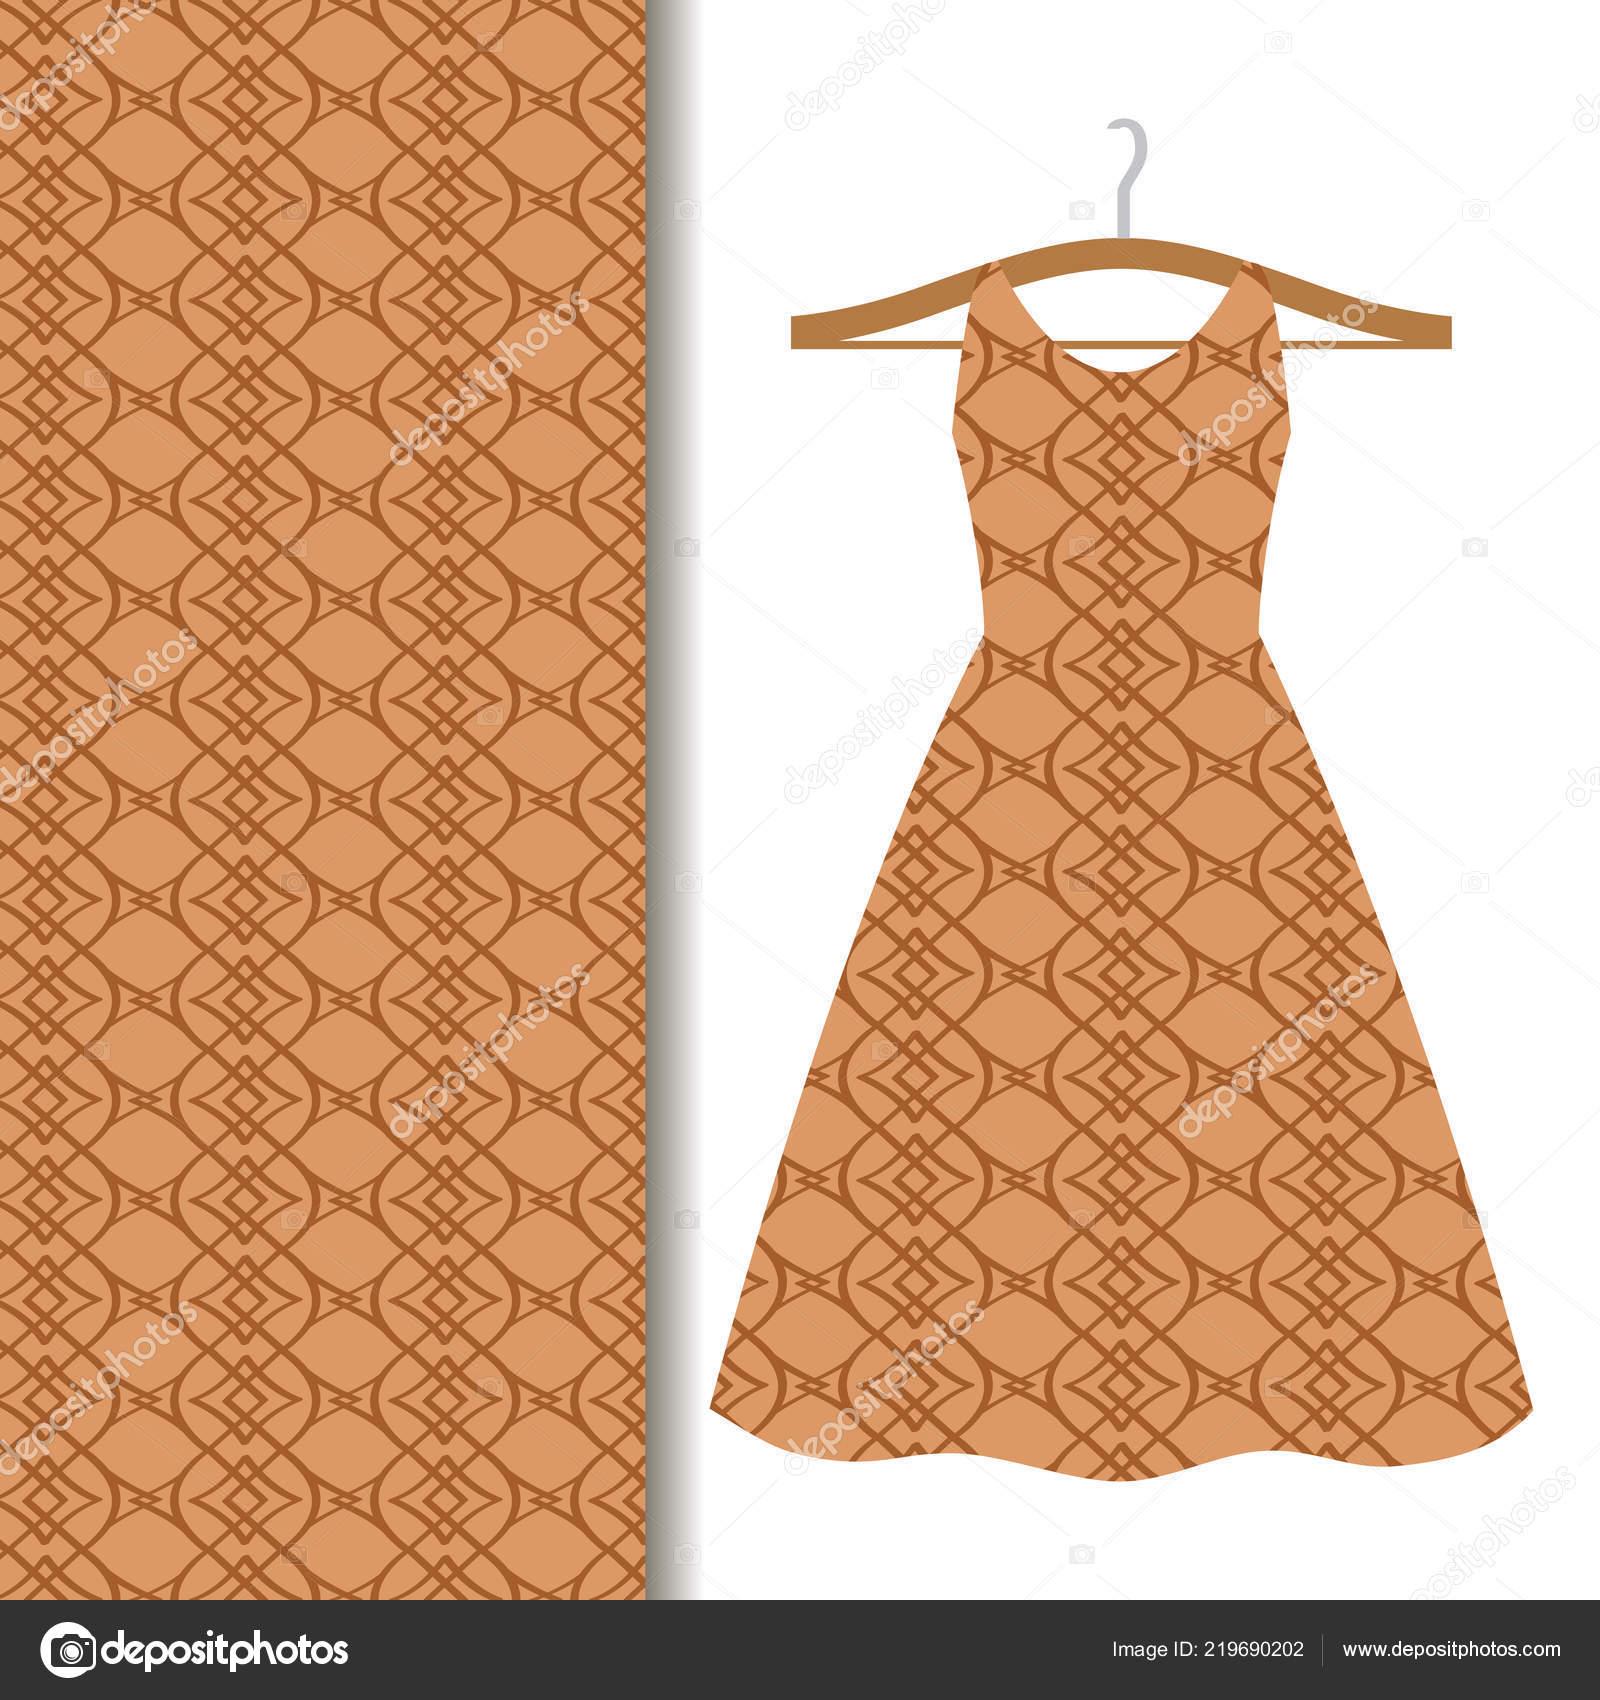 Frauen Kleiden Sich Stoff Muster Design Auf Einem Kleiderbugel Mit